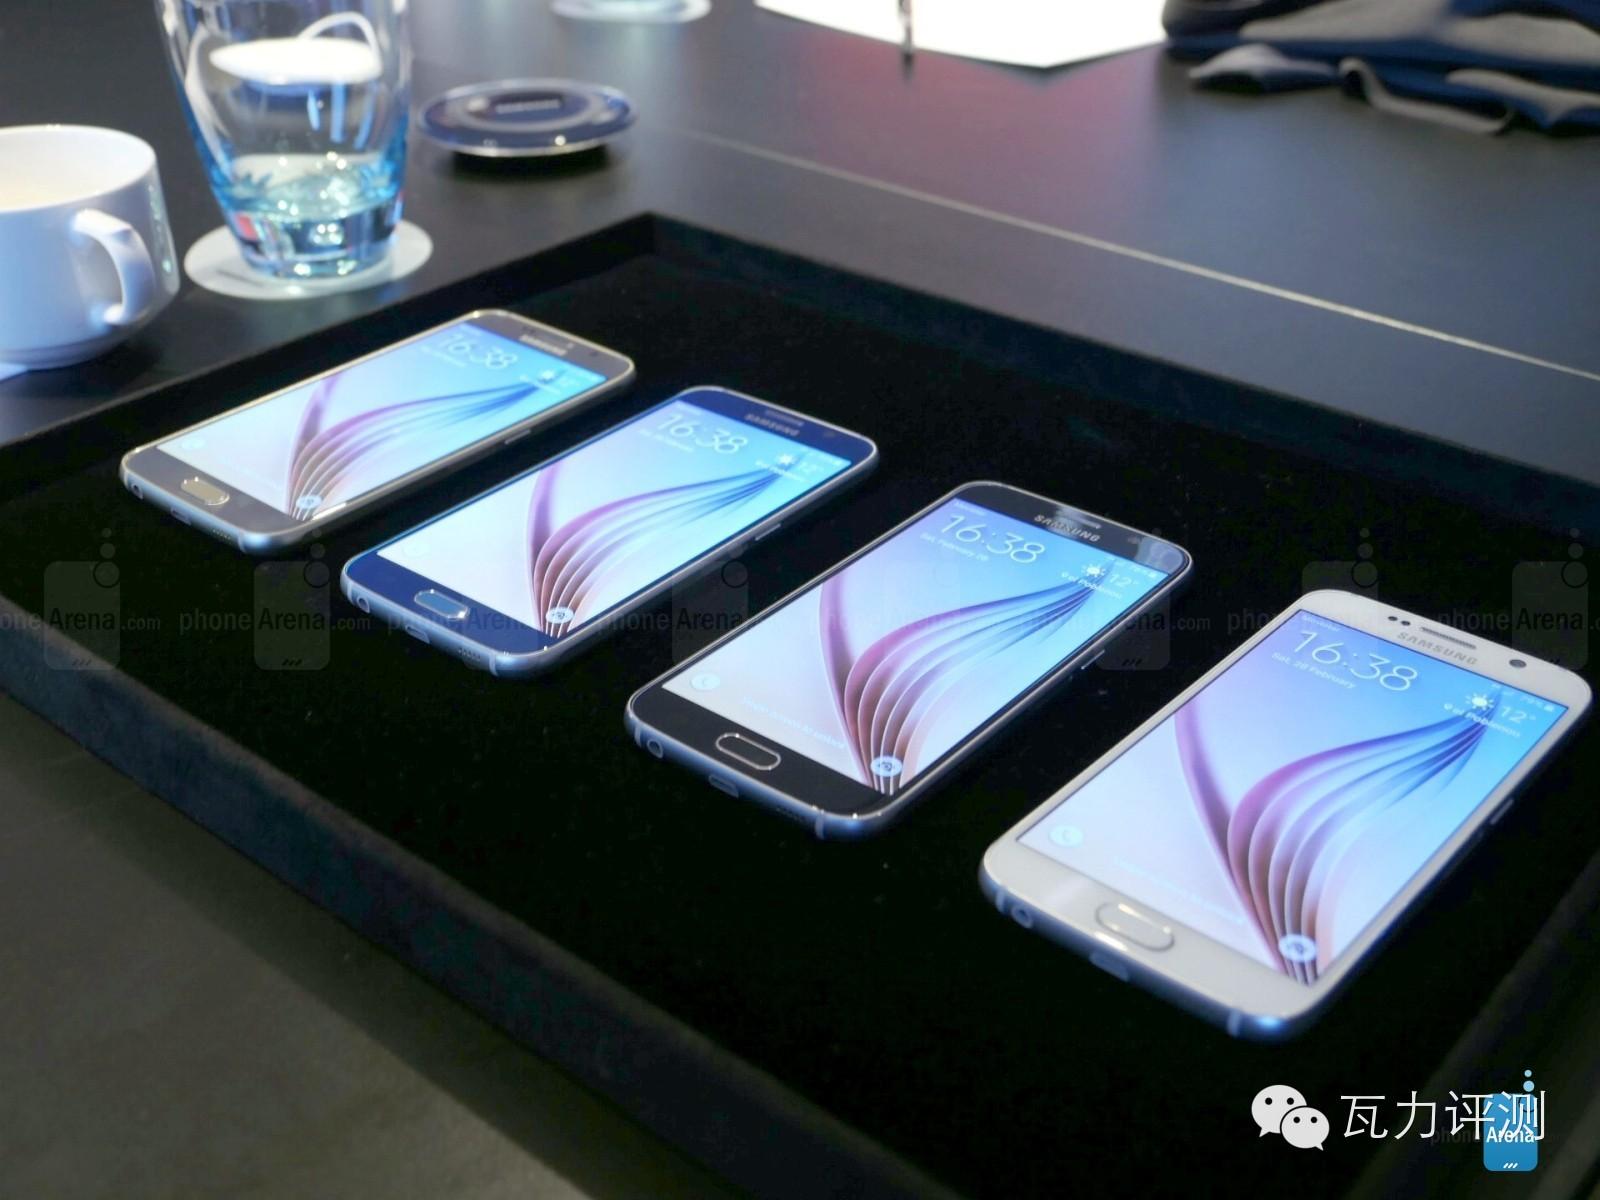 三星 Galaxy S6 震撼公布 还真更改了许多